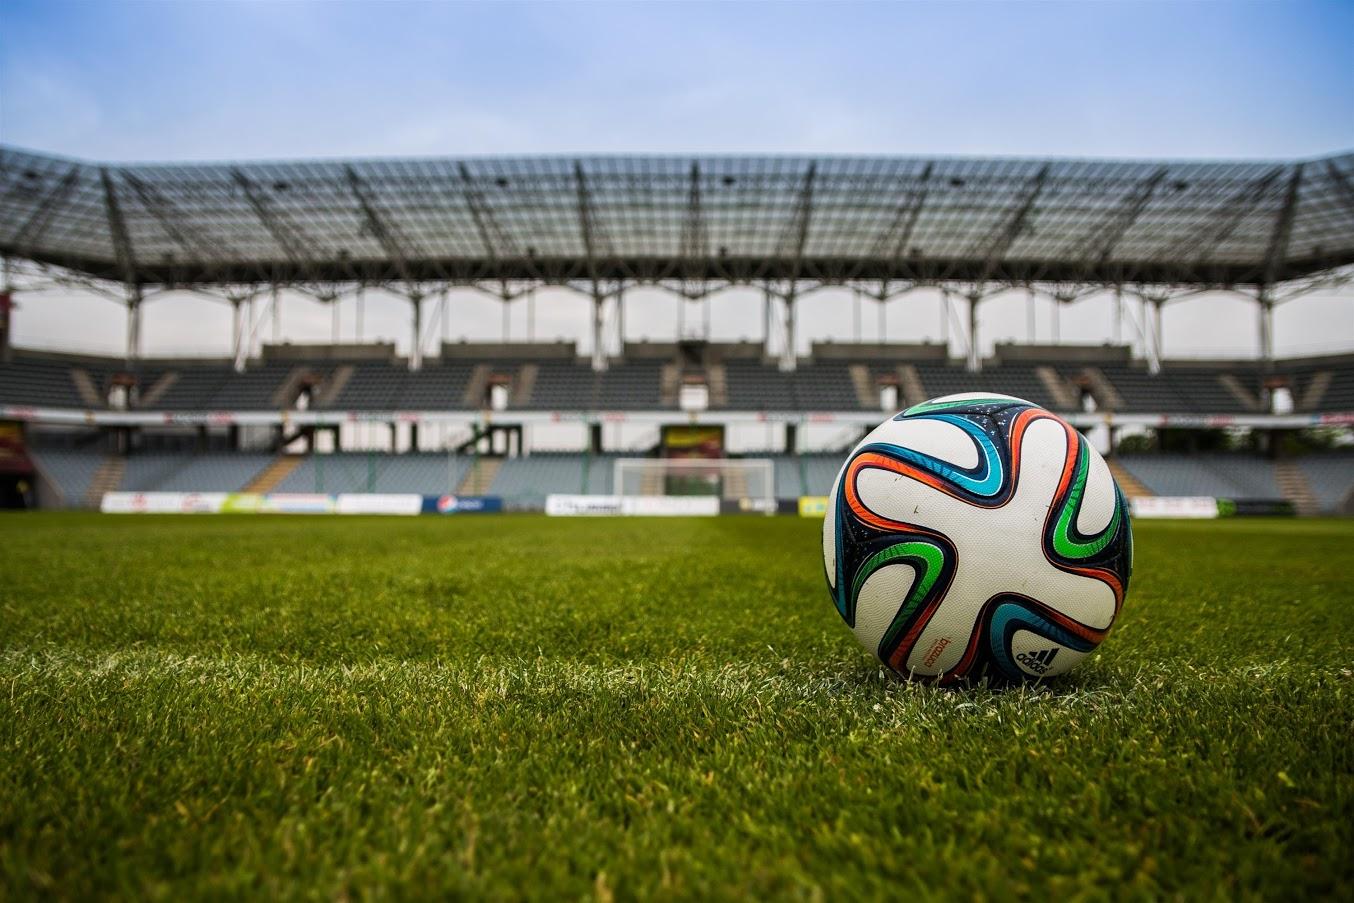 Ics amplia la propria offerta, finanziamenti factoring e acquisto crediti fiscali per lo Sport e la Cultura